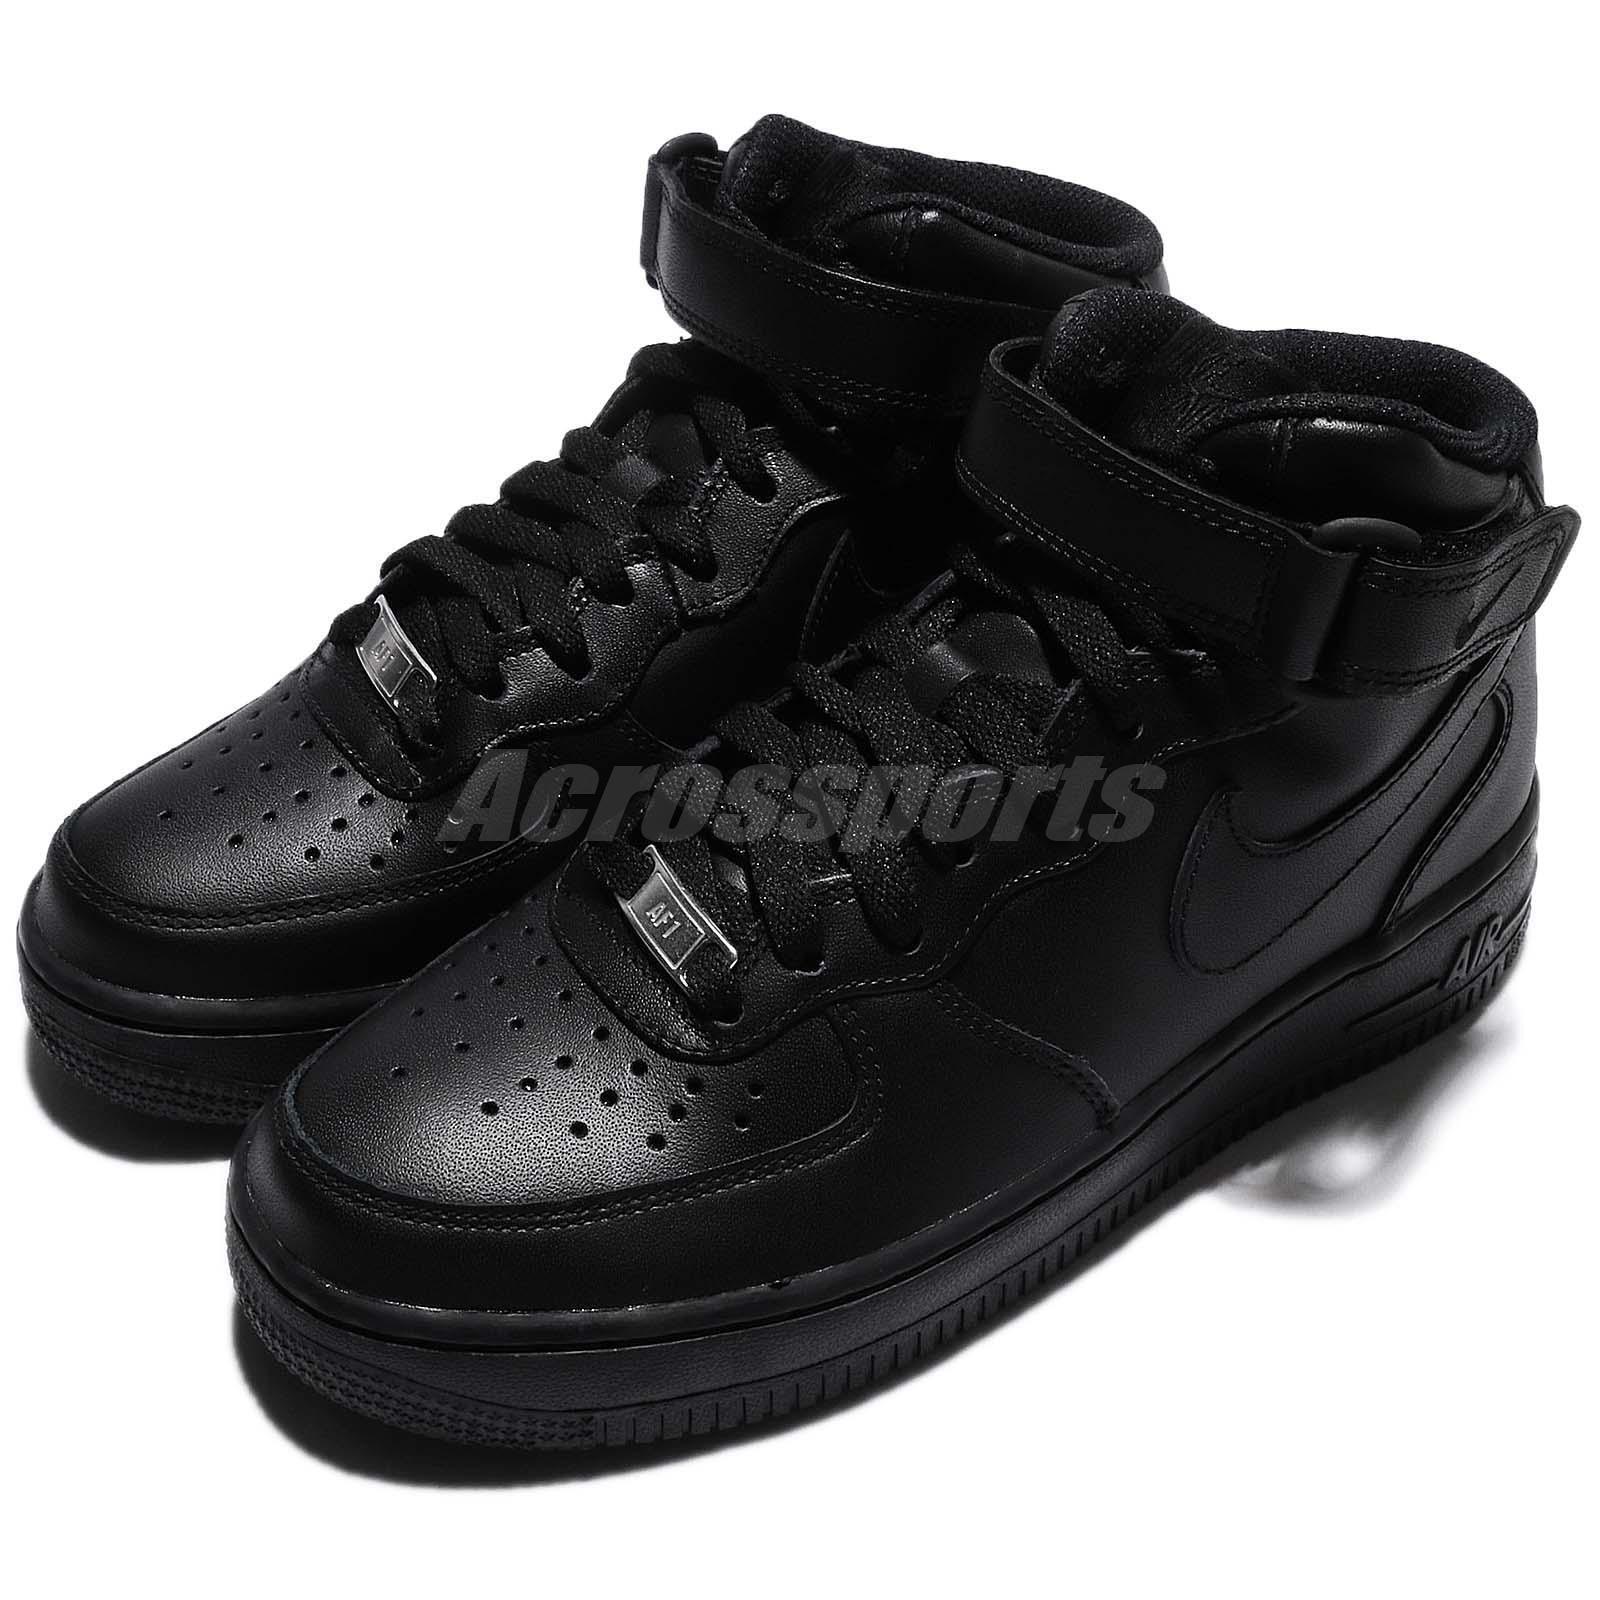 Wmns air force 1 metà bianco / nero af1 af1 af1 07 le donne scarpe da ginnastica classico a 1 1b7724